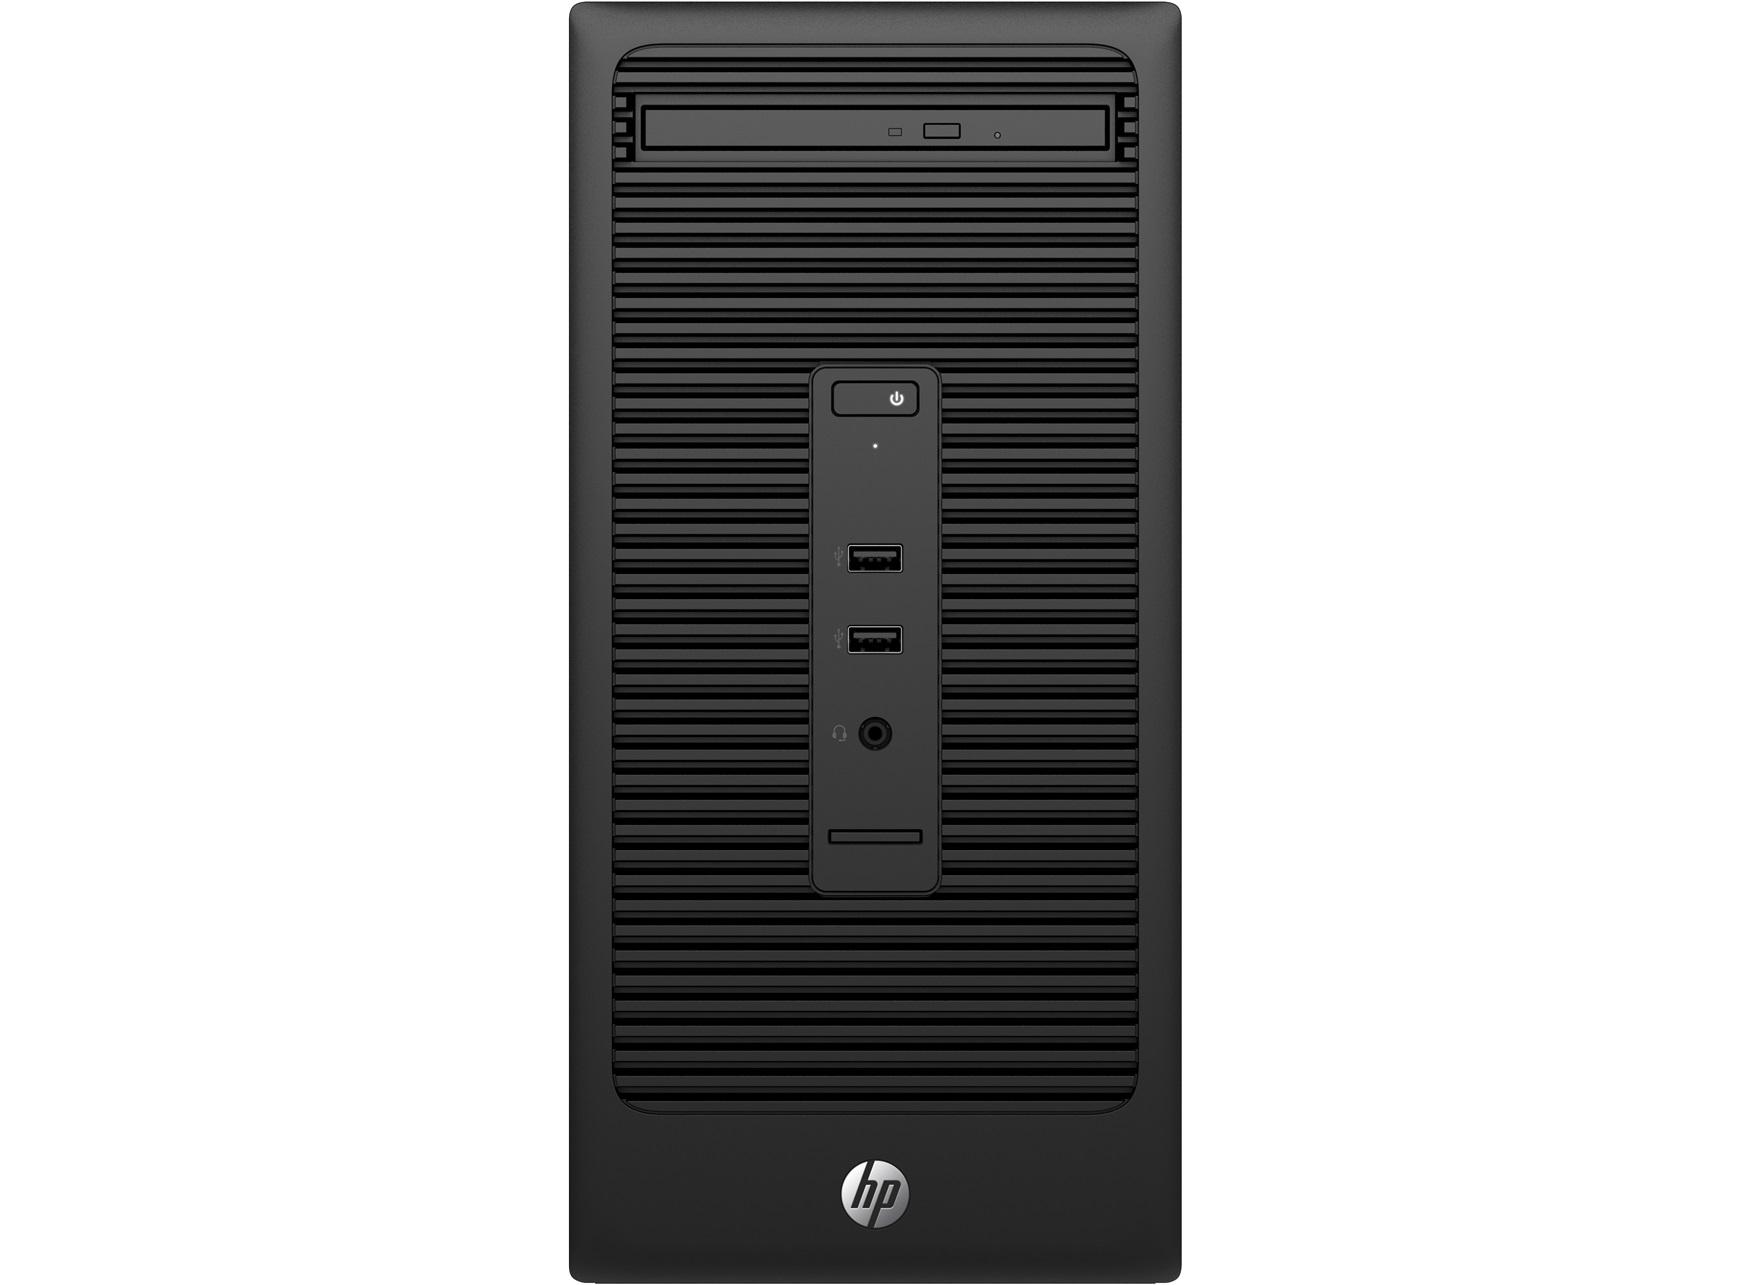 HP 280 G2 MT Intel Pentium G4400 4GB 500GB/HDD DVDRW W10PRO 64bit 1J Gar. (DE)